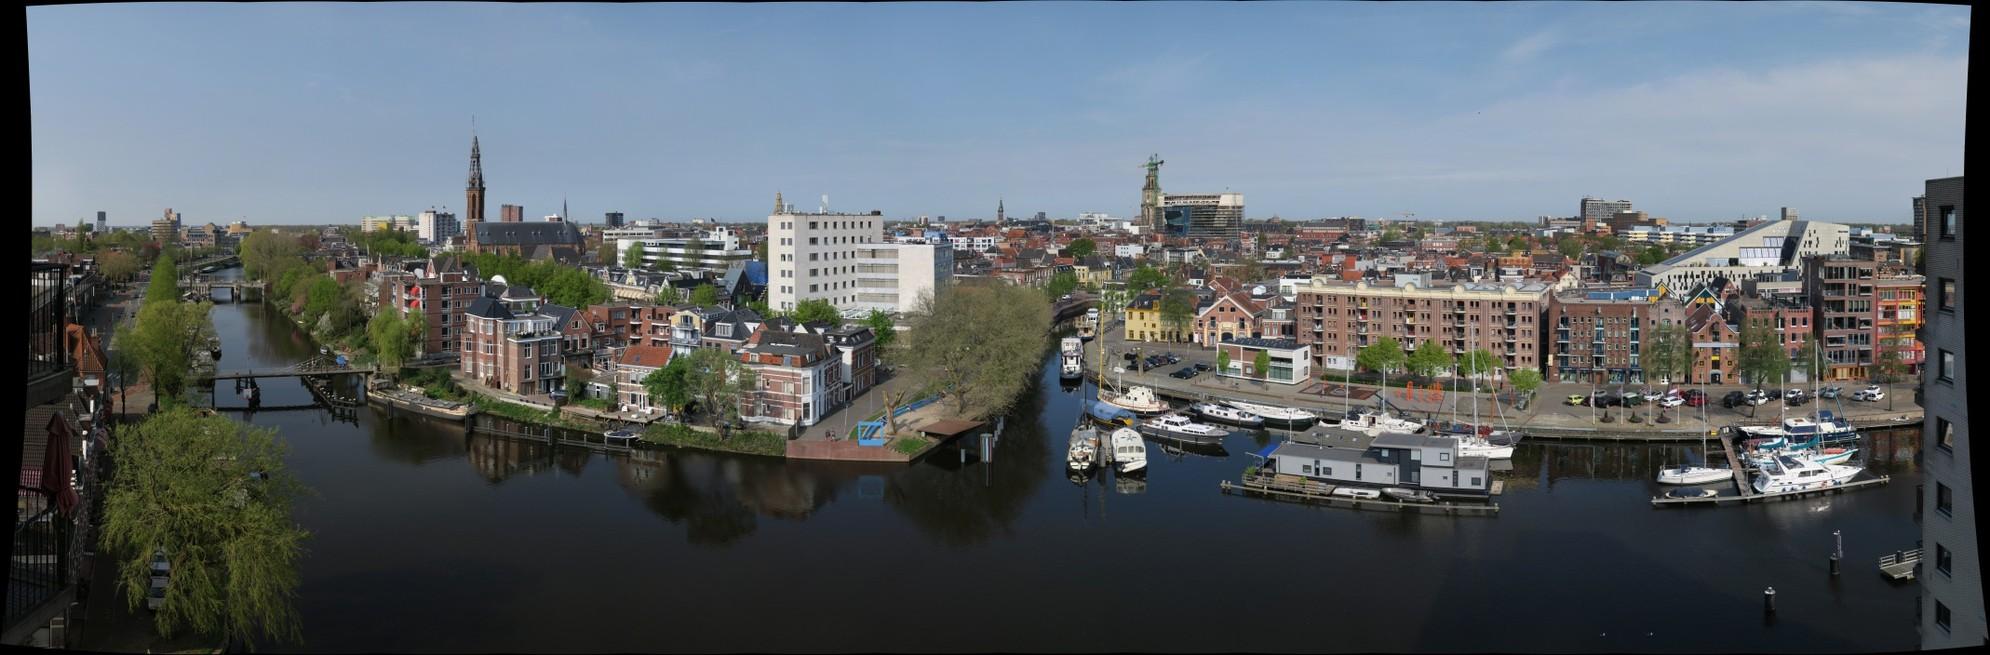 Groningen 22-04-2018